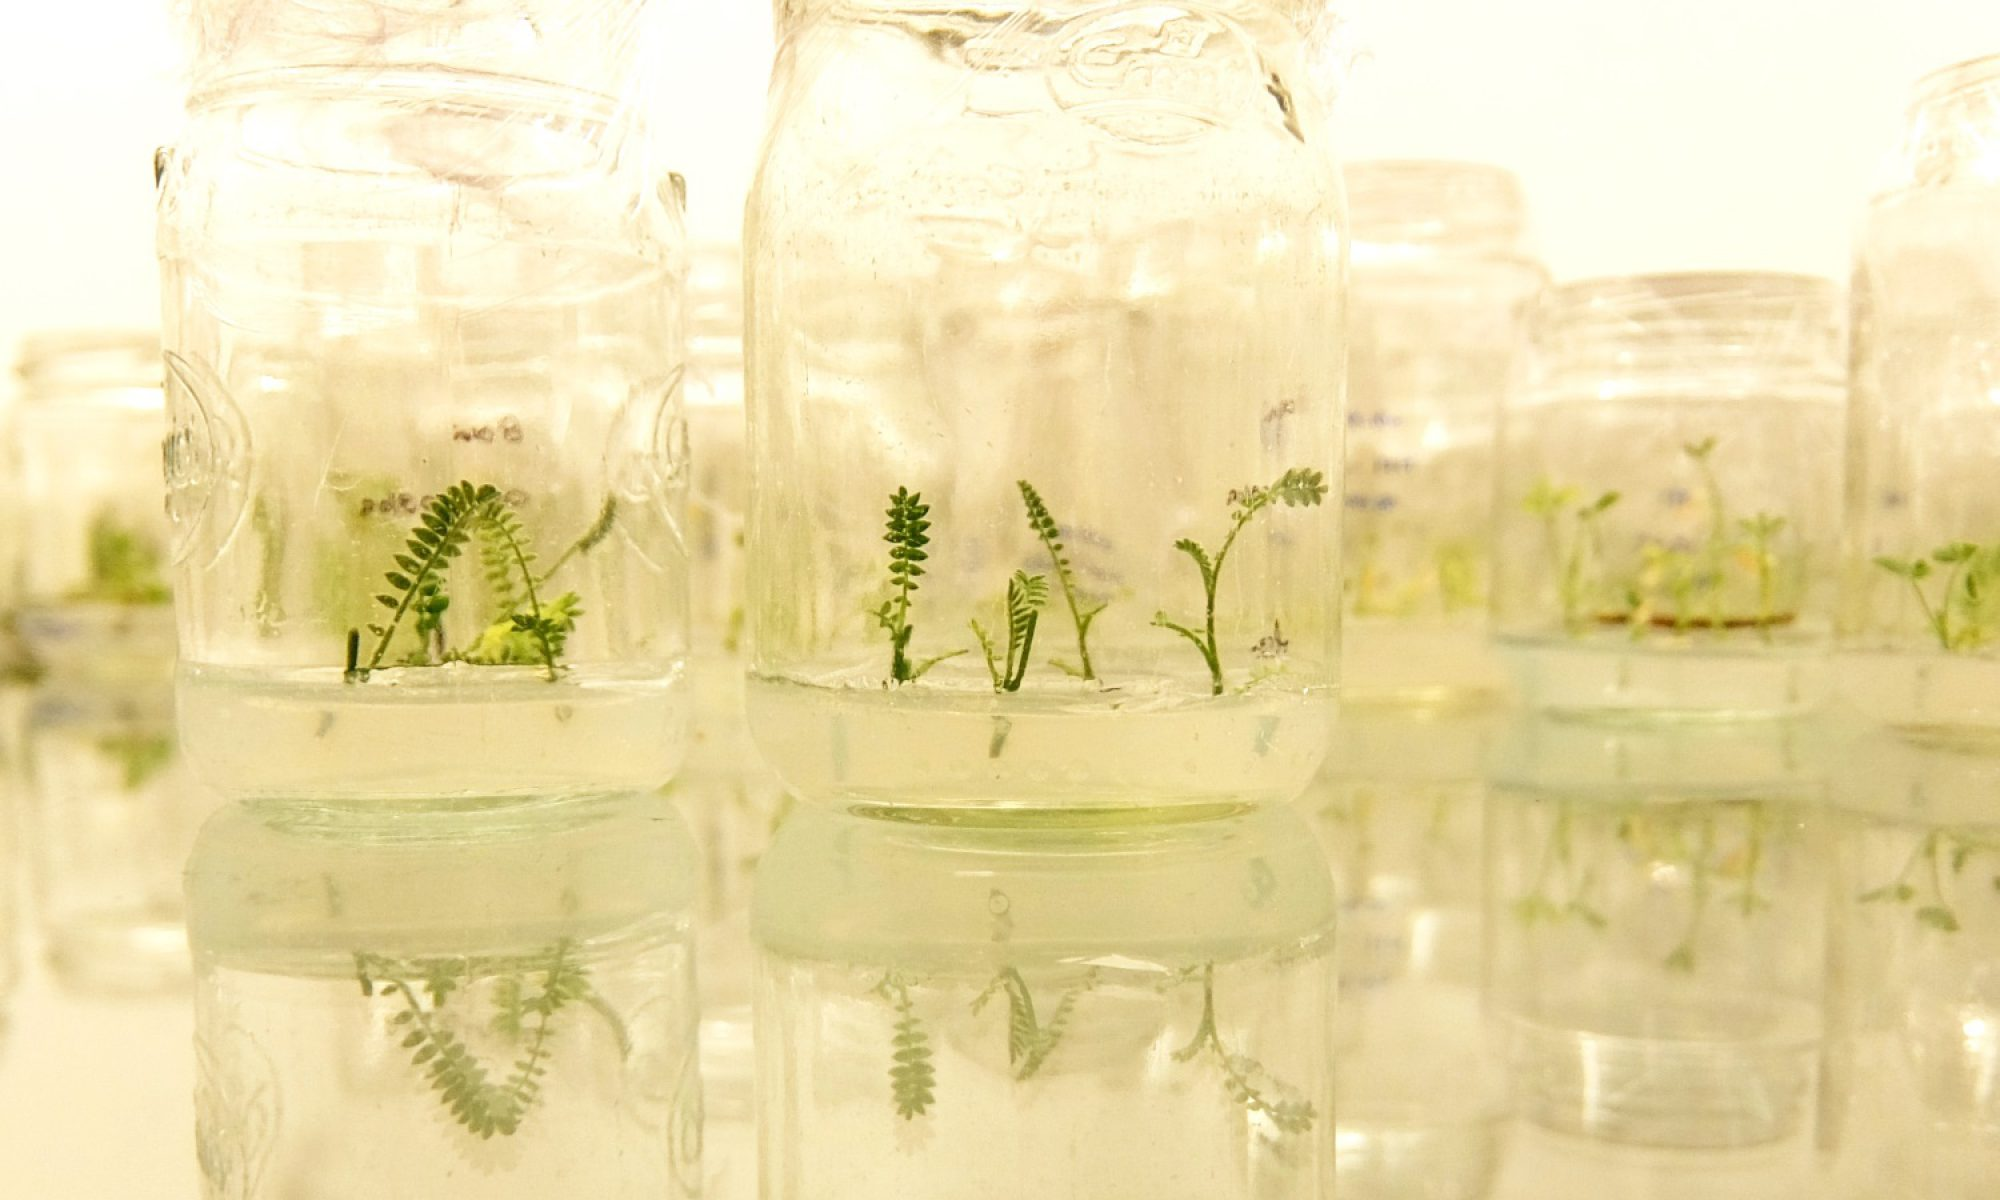 Biotecnologia e Melhoramento Genético para a Inovação